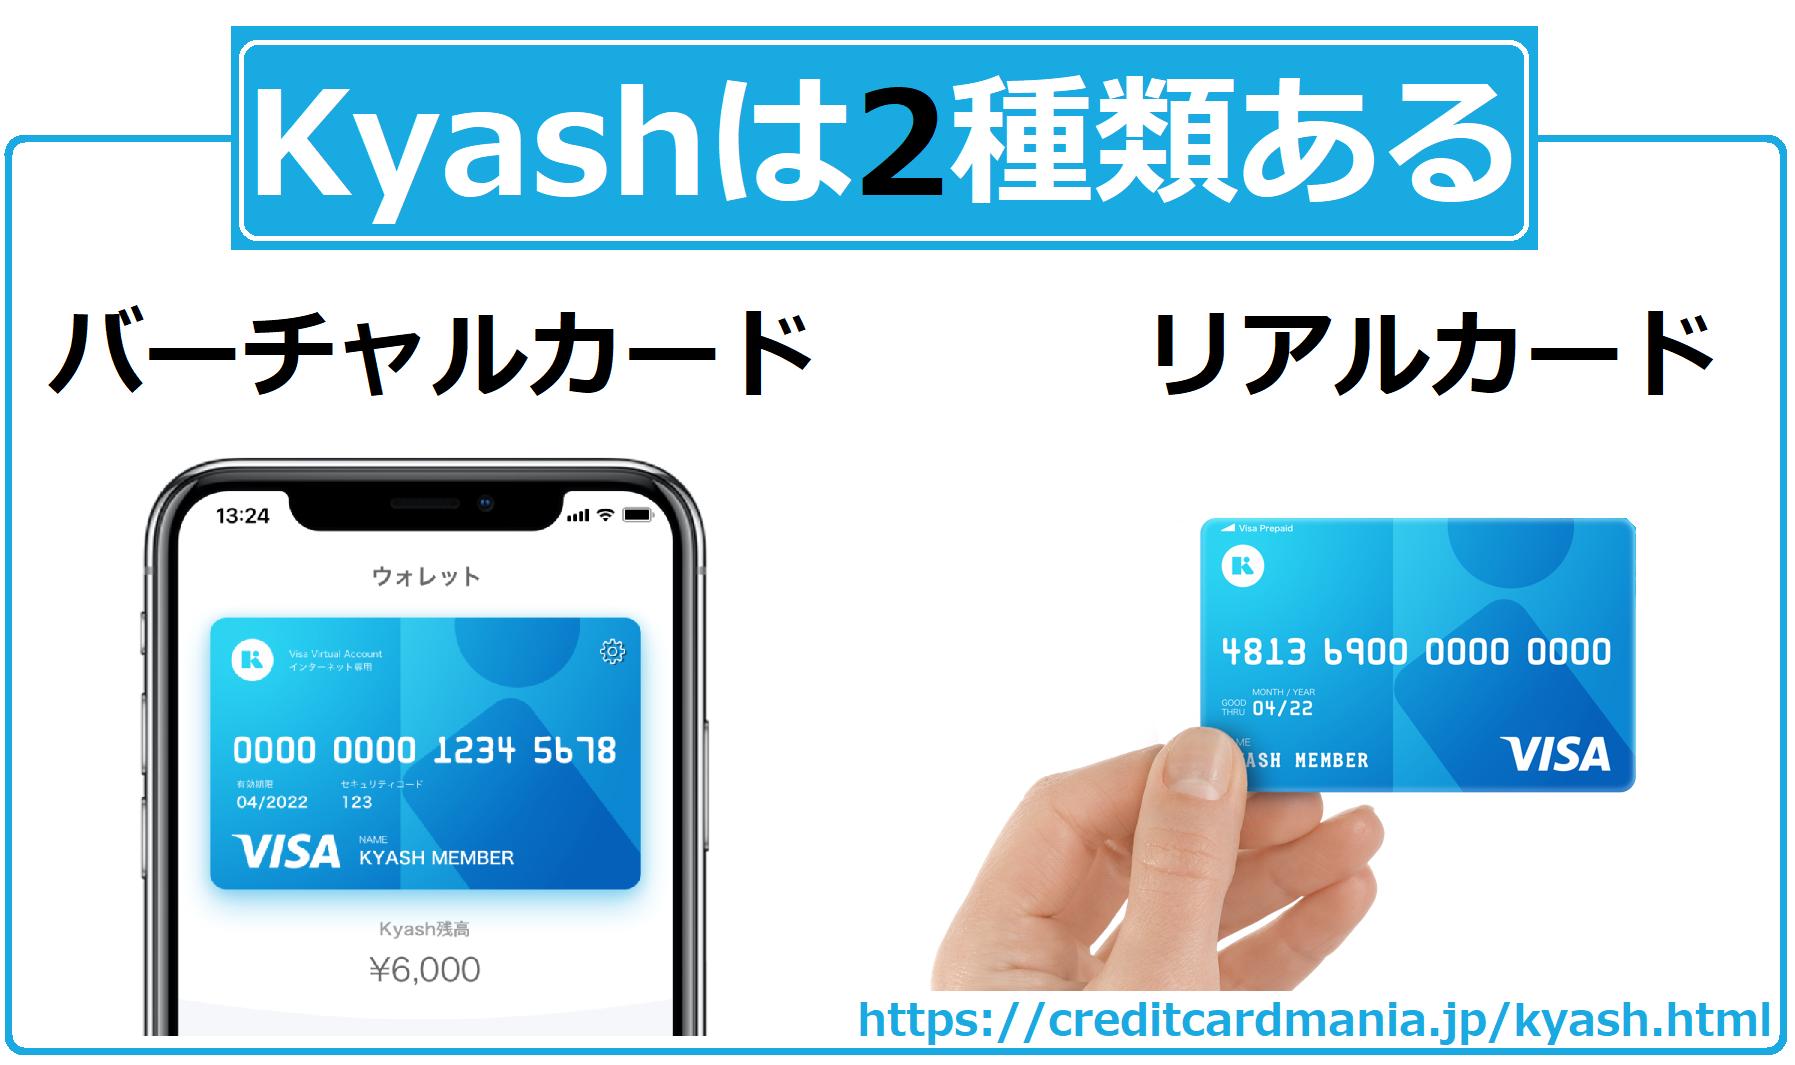 Kyashはバーチャルカードとリアルカードの2種類ある